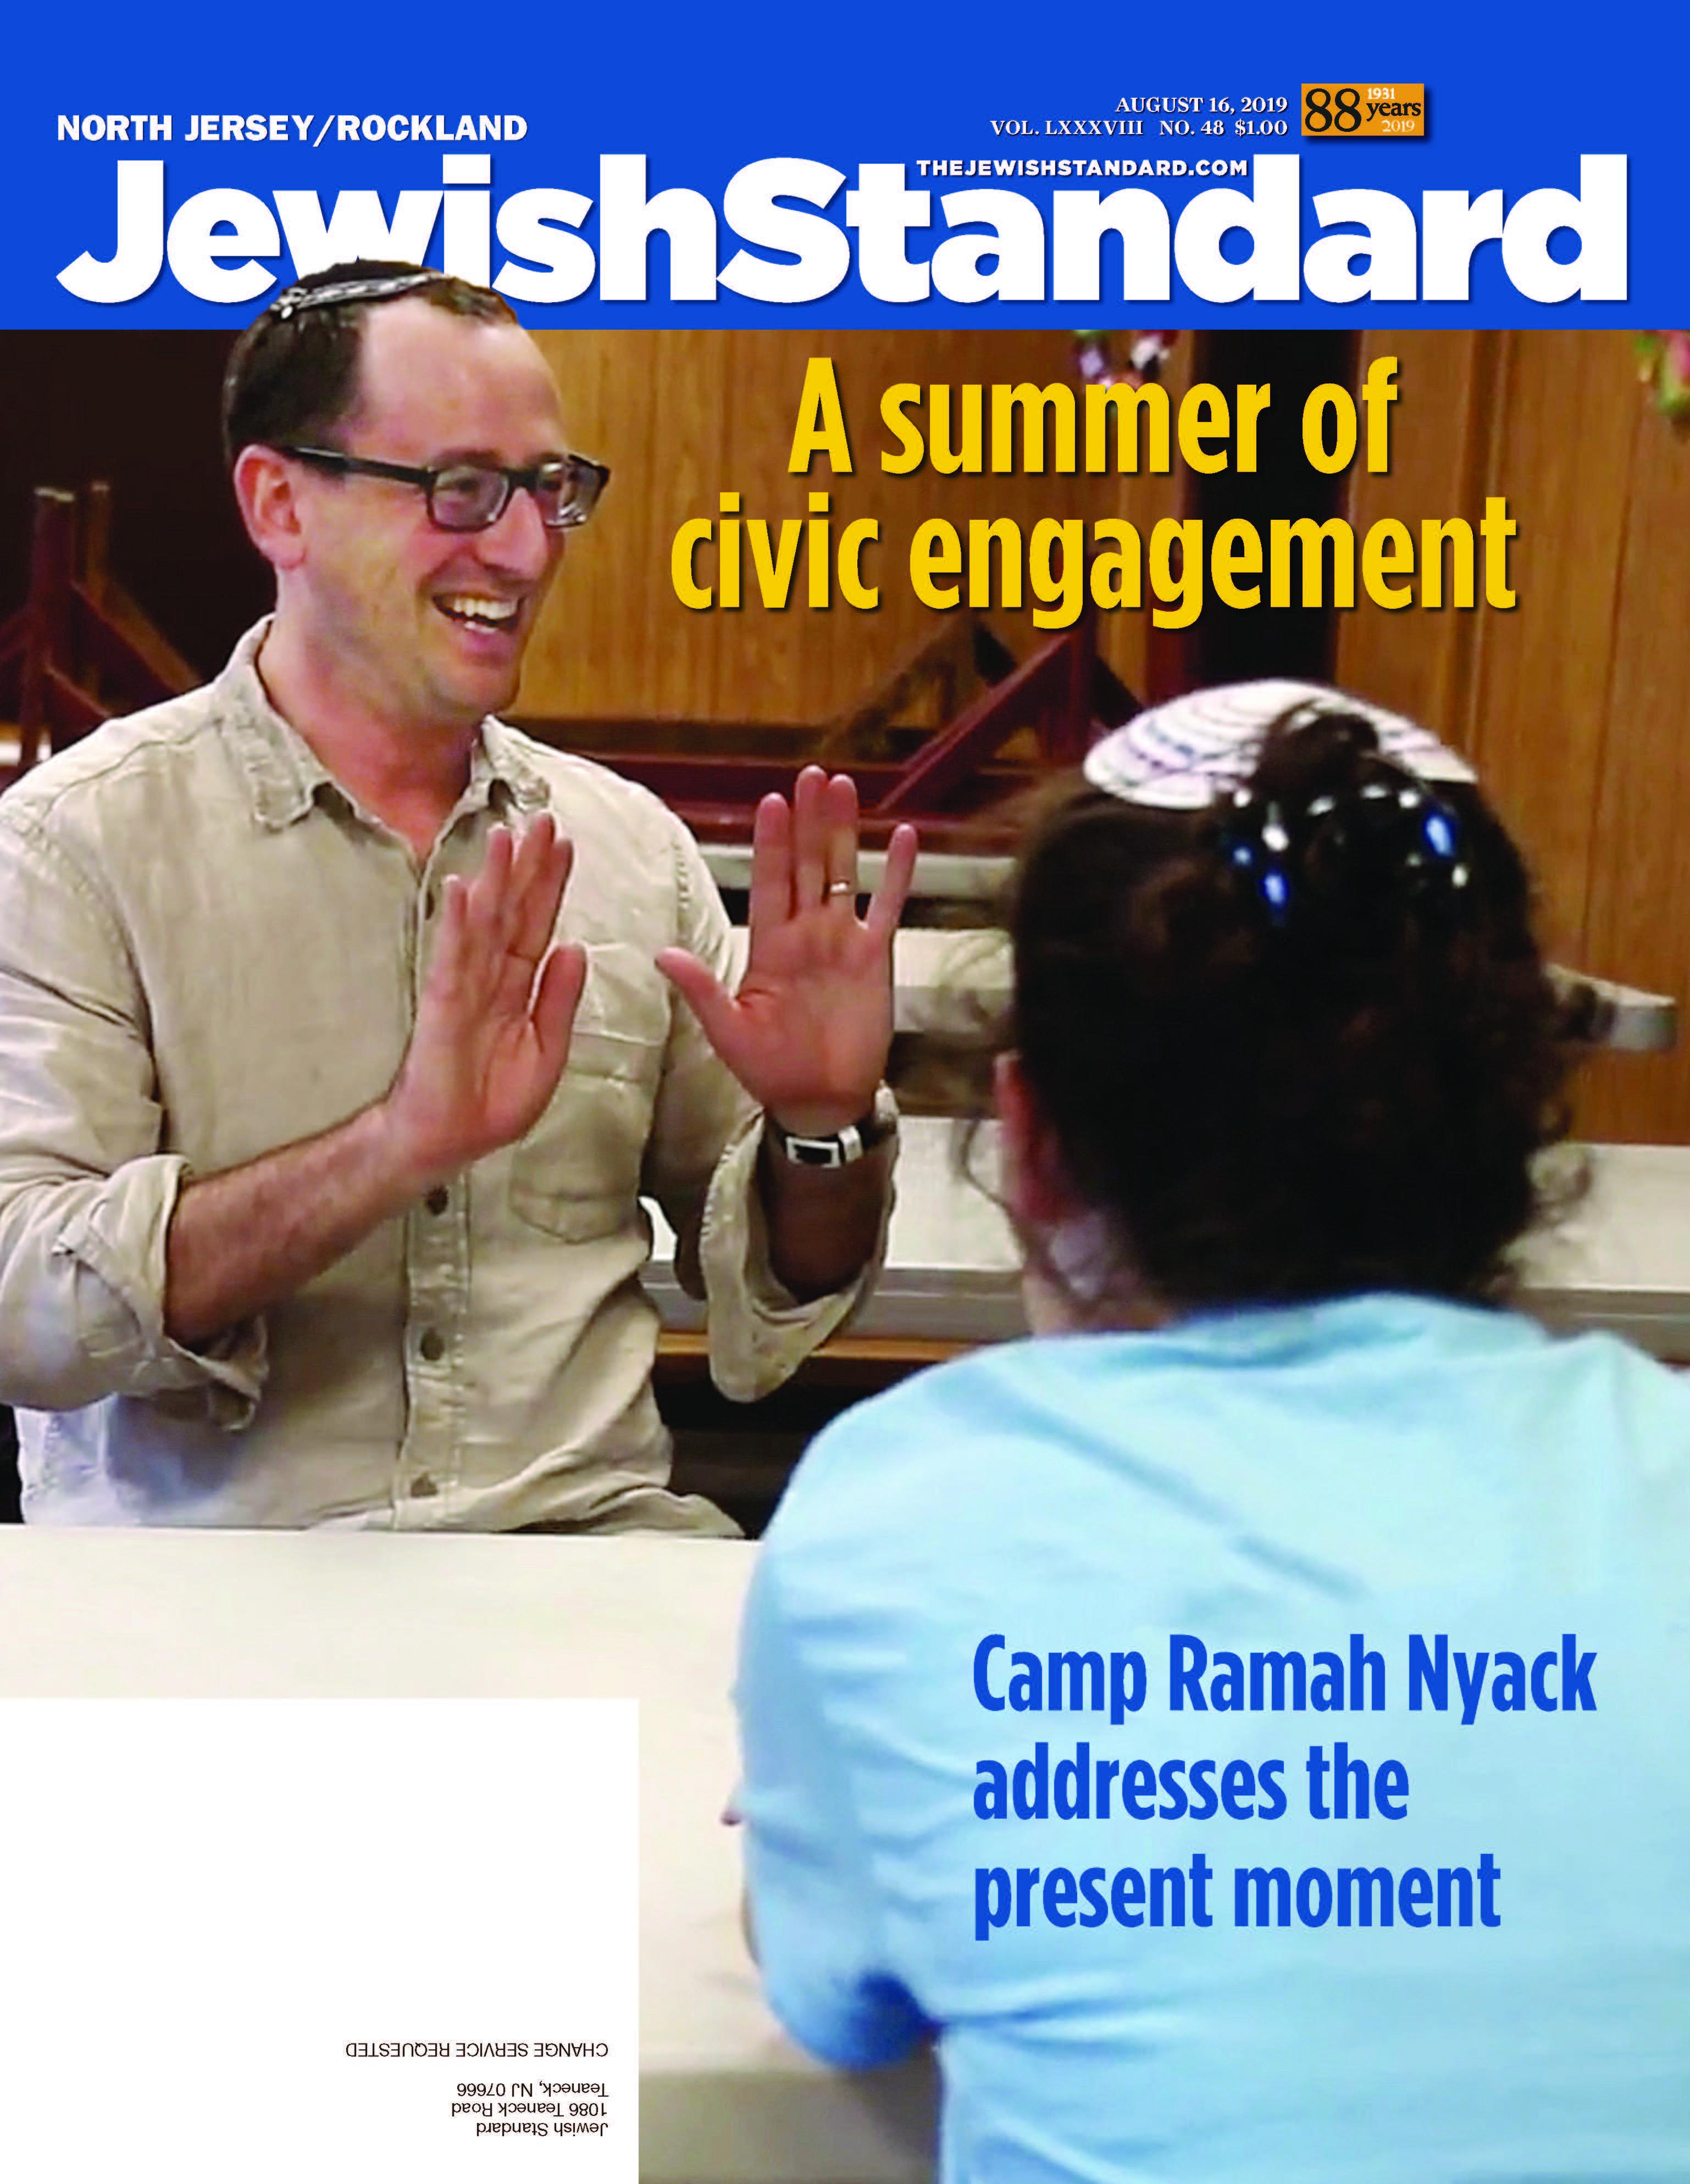 Jewish Standard, August 16, 2019